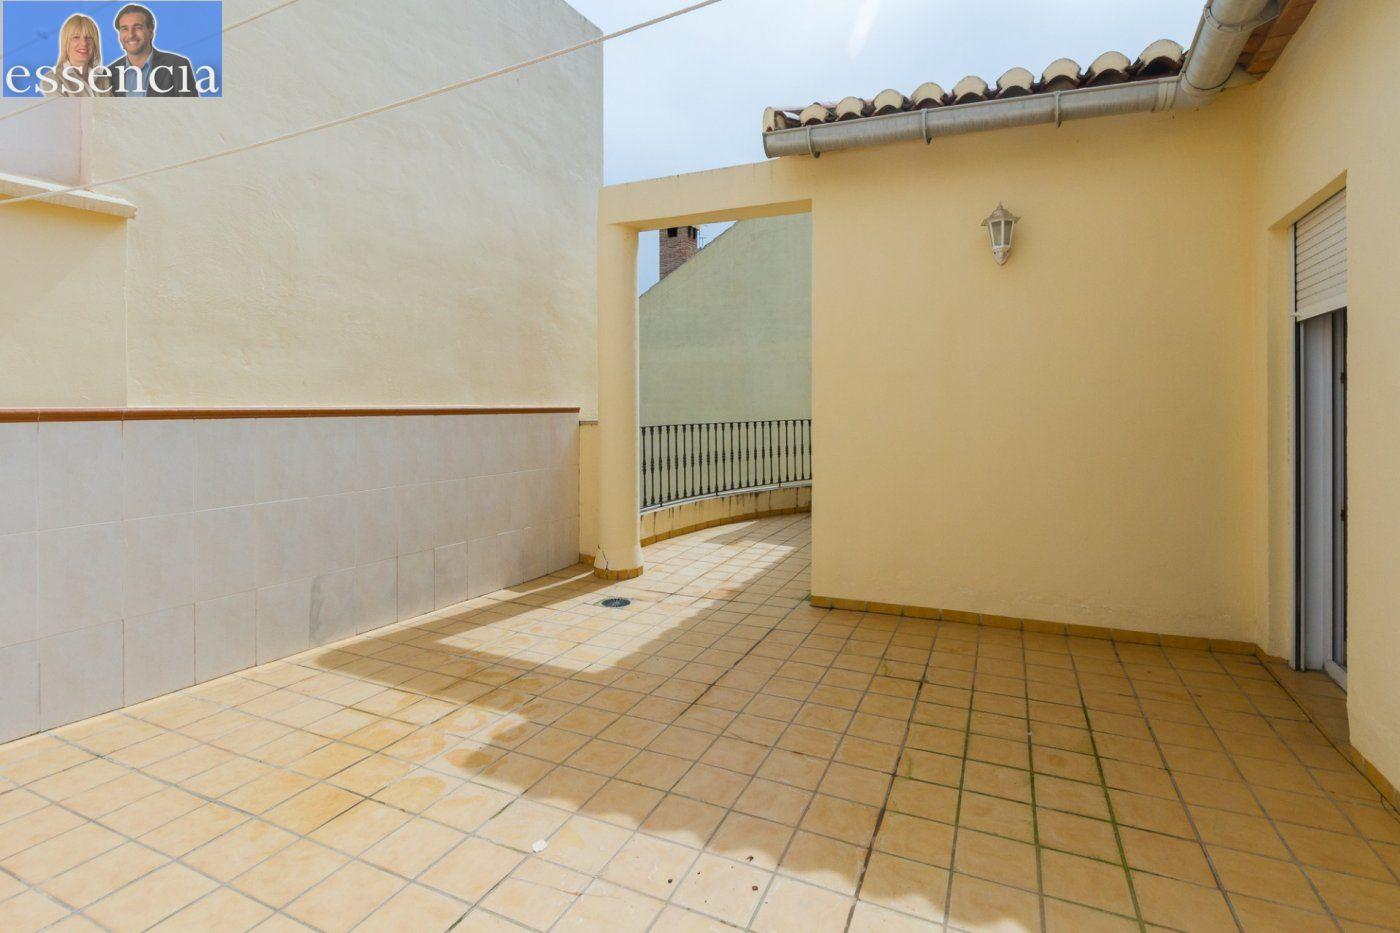 Casa con encanto en el centro de gandÍa para clientes vip - imagenInmueble21